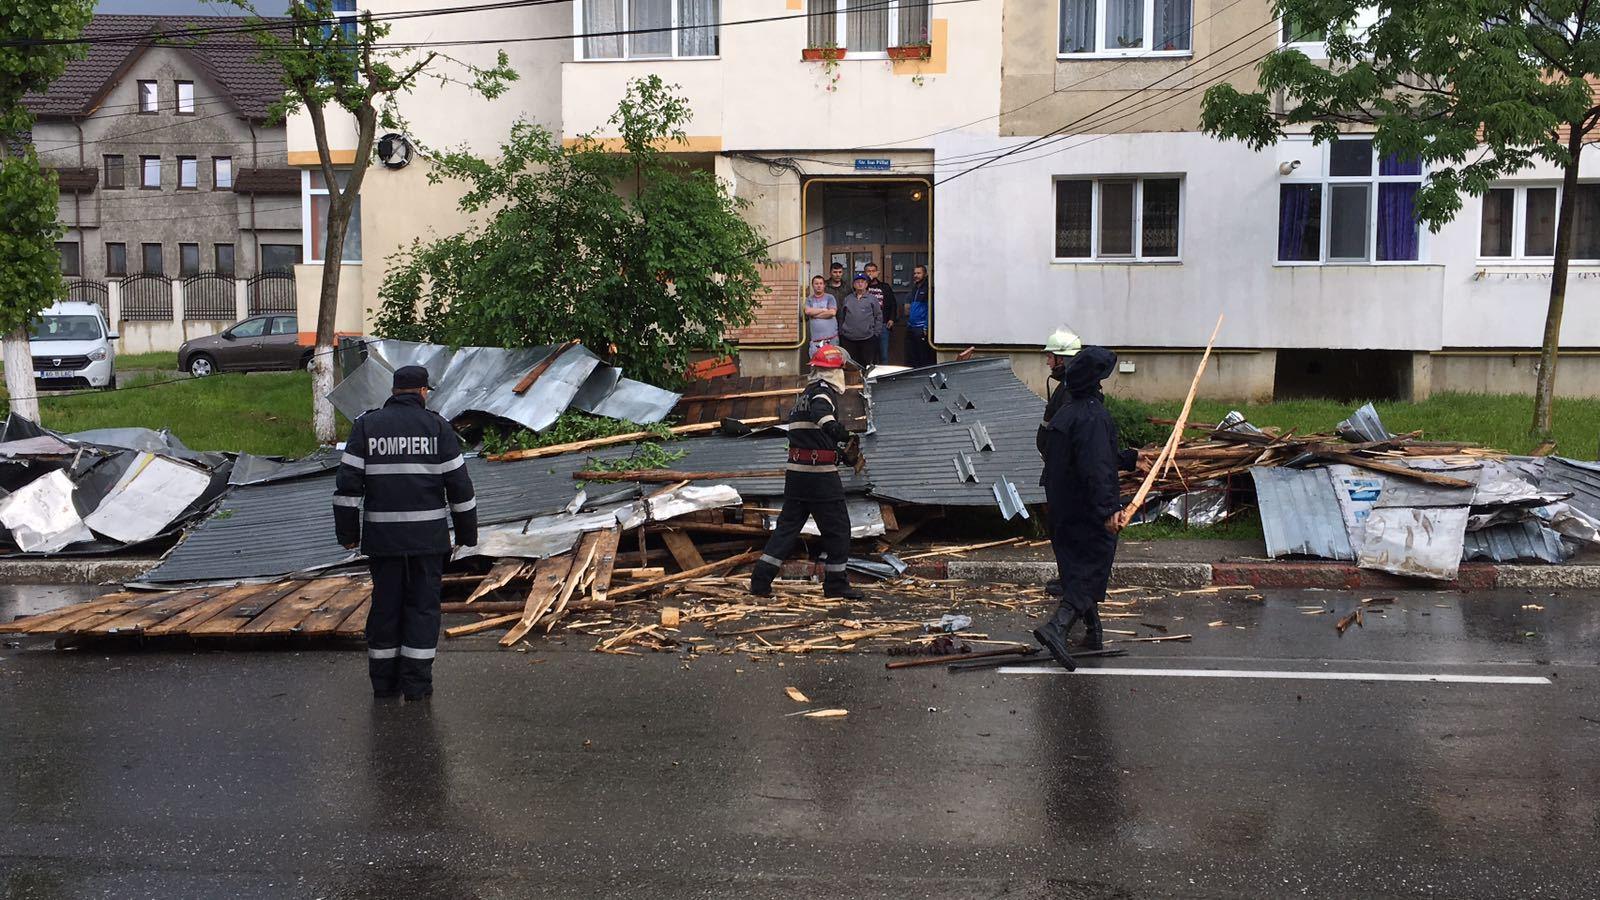 VIJELIILE fac ravagii în ţară: Acoperişuri spulberate de vânt în Mureş, trenuri blocate în Drobeta Turnu Severin. Zeci de copaci doborâţi la pământ în Iaşi şi în Vaslui